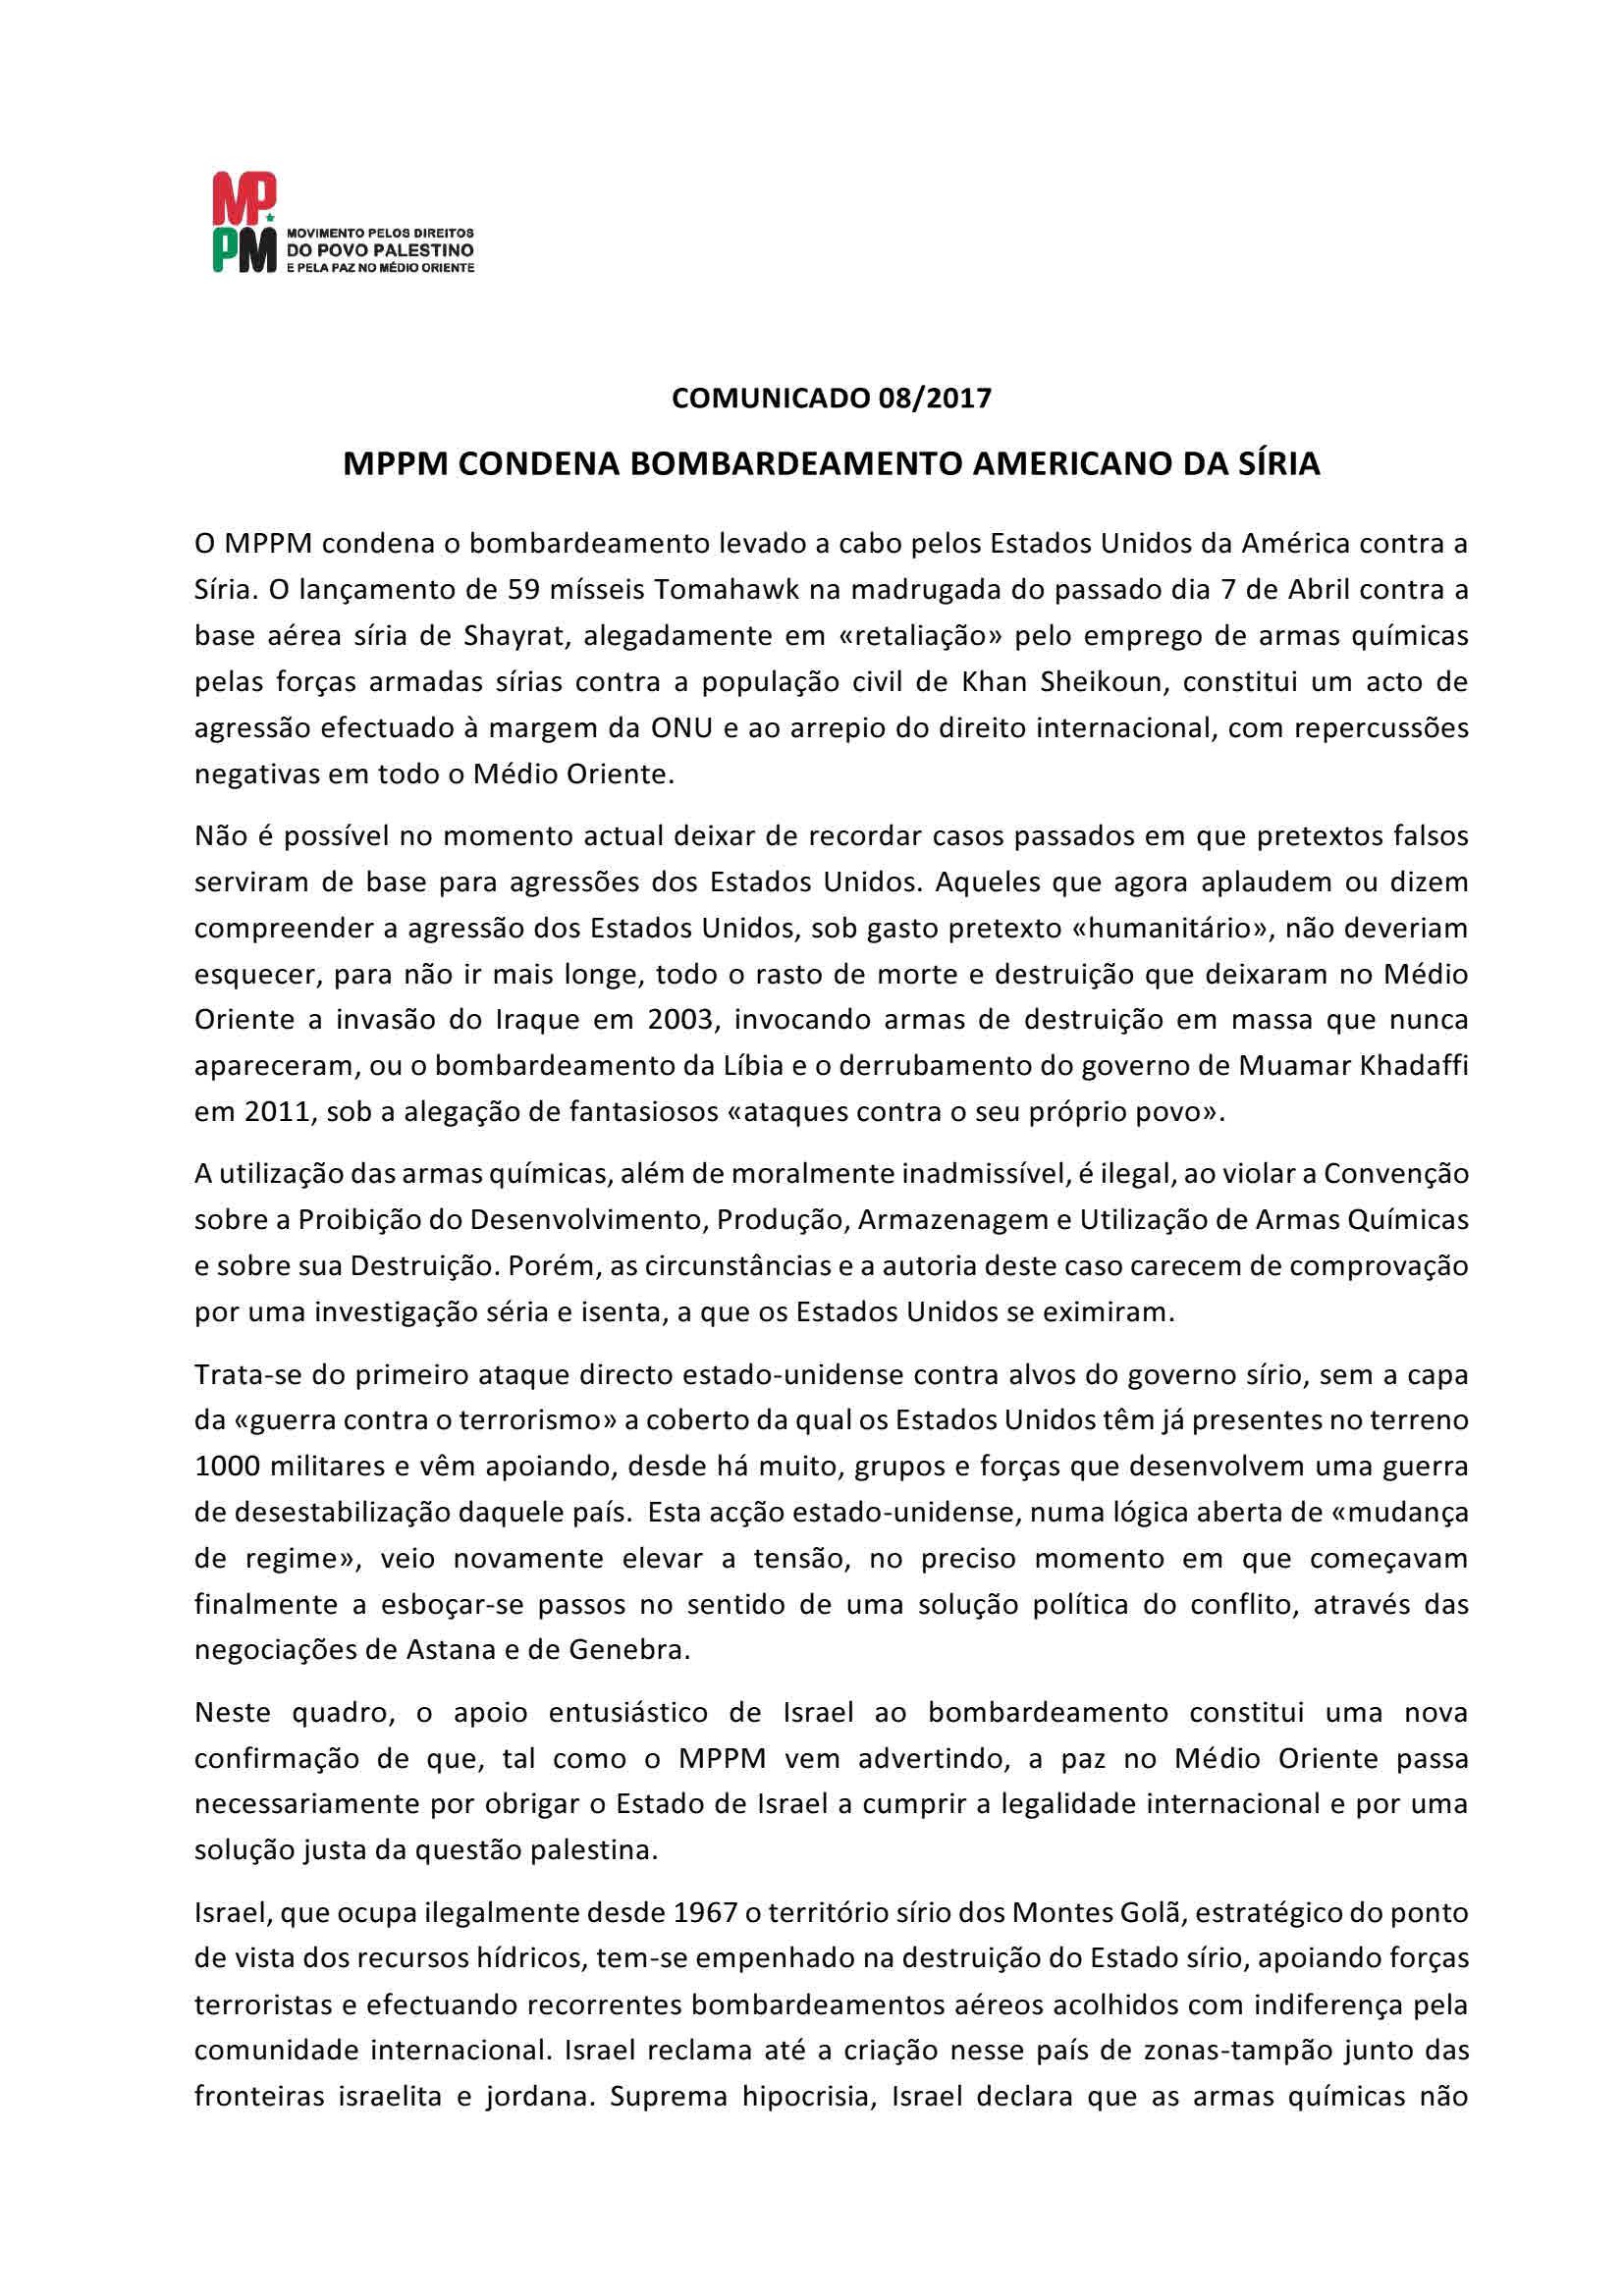 Comunicado 08-2017 – MPPM condena bombardeamento americano da Síria